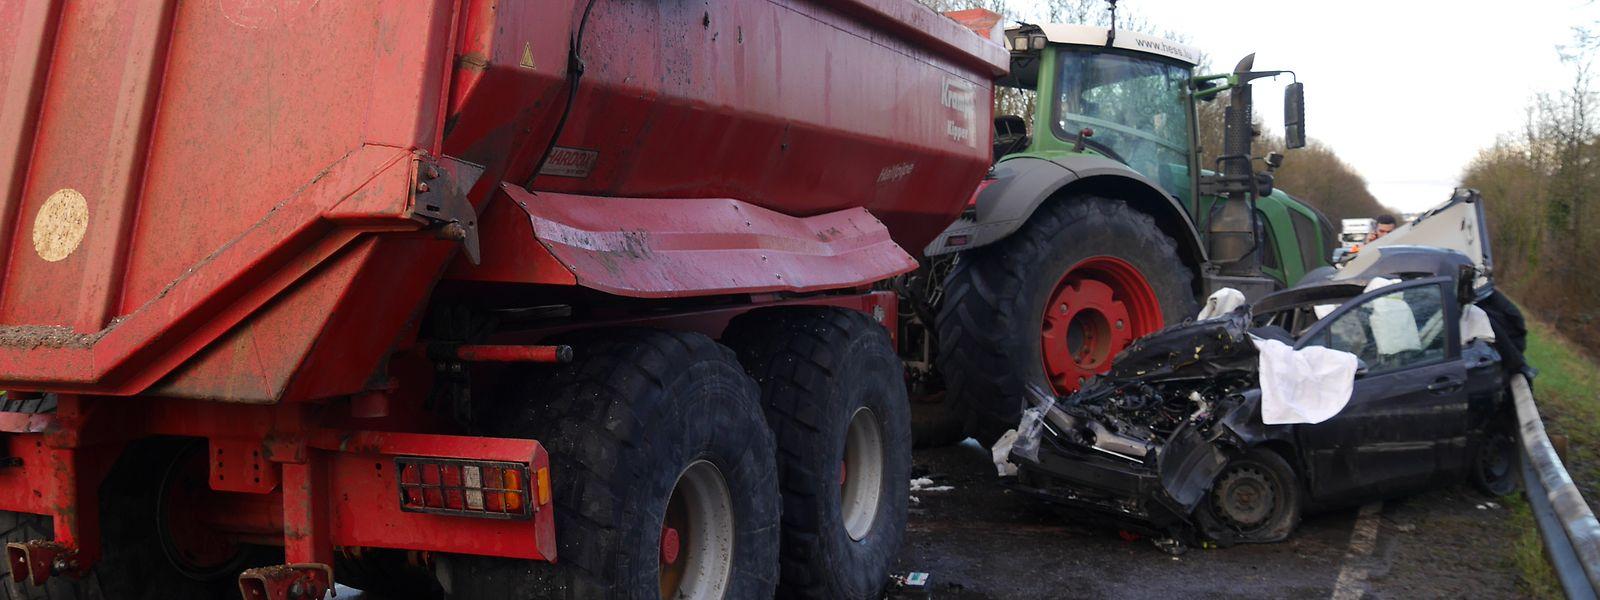 Der Traktor stieß am Donnerstagnachmittag mit einem kleinen PKW frontal zusammen.